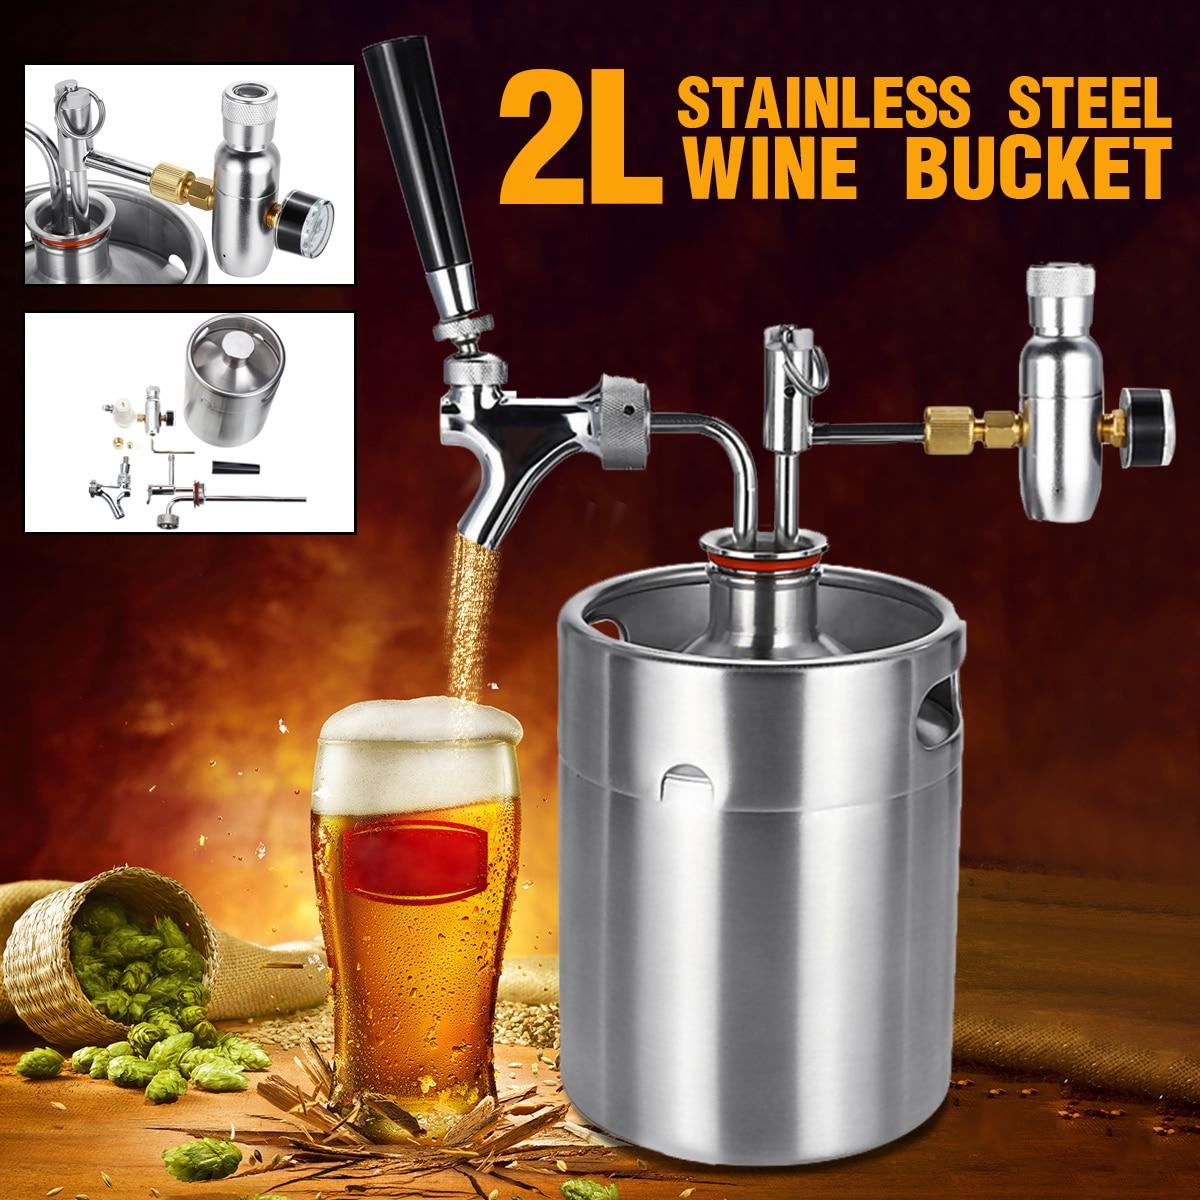 2L ทนทานสแตนเลสสตีลไวน์ Keg บ้านเบียร์ Dispenser Growler เบียร์หัตถกรรมเบียร์ Keg ก๊อกน้ำแรงดัน